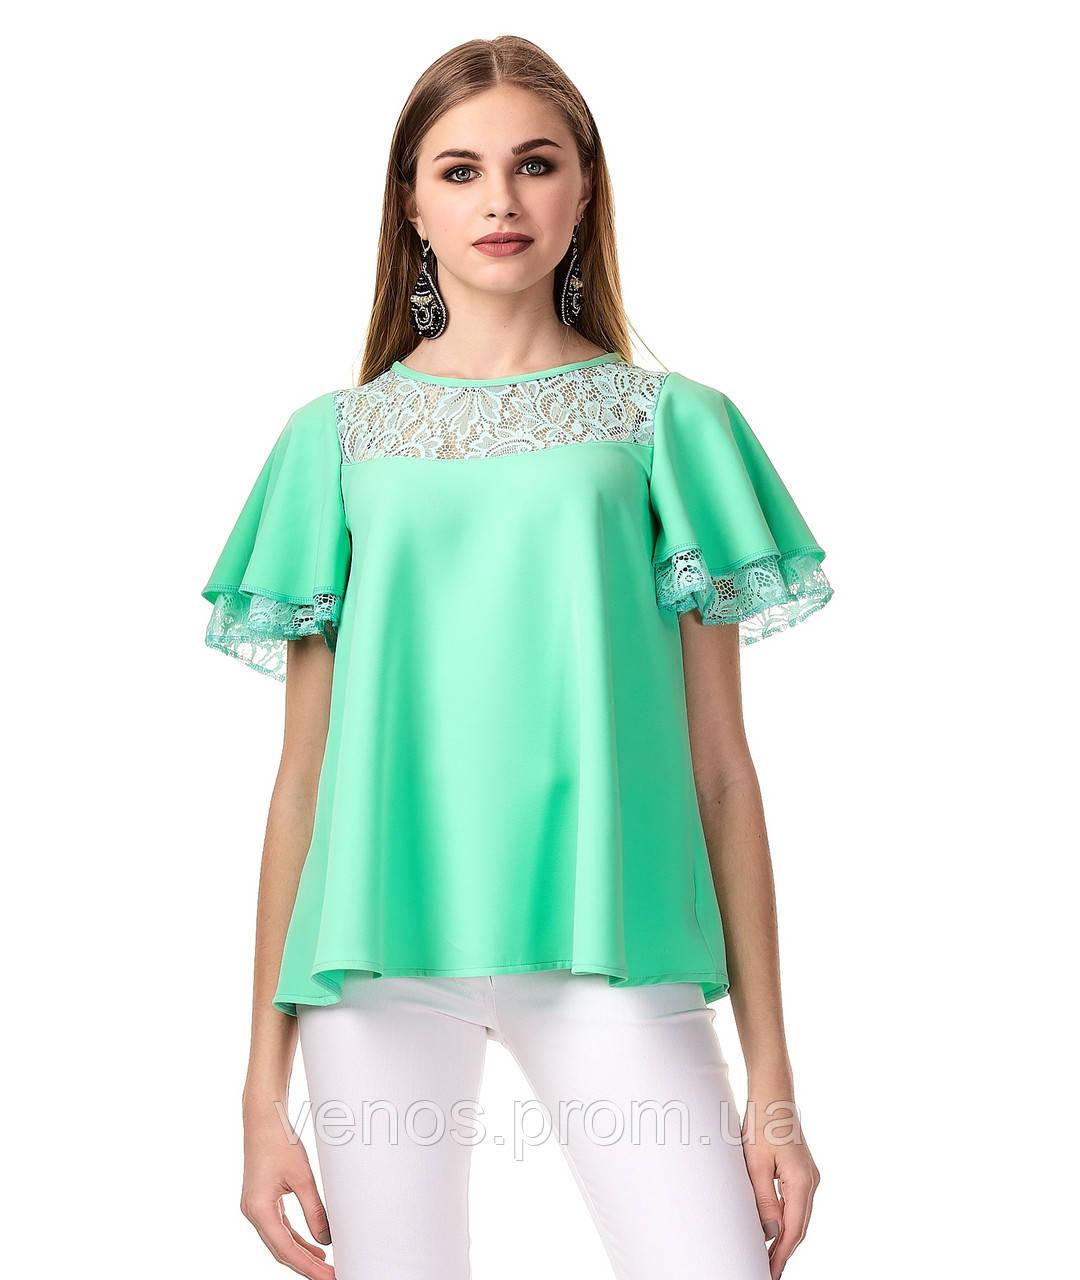 Женская блуза с воланами. К077